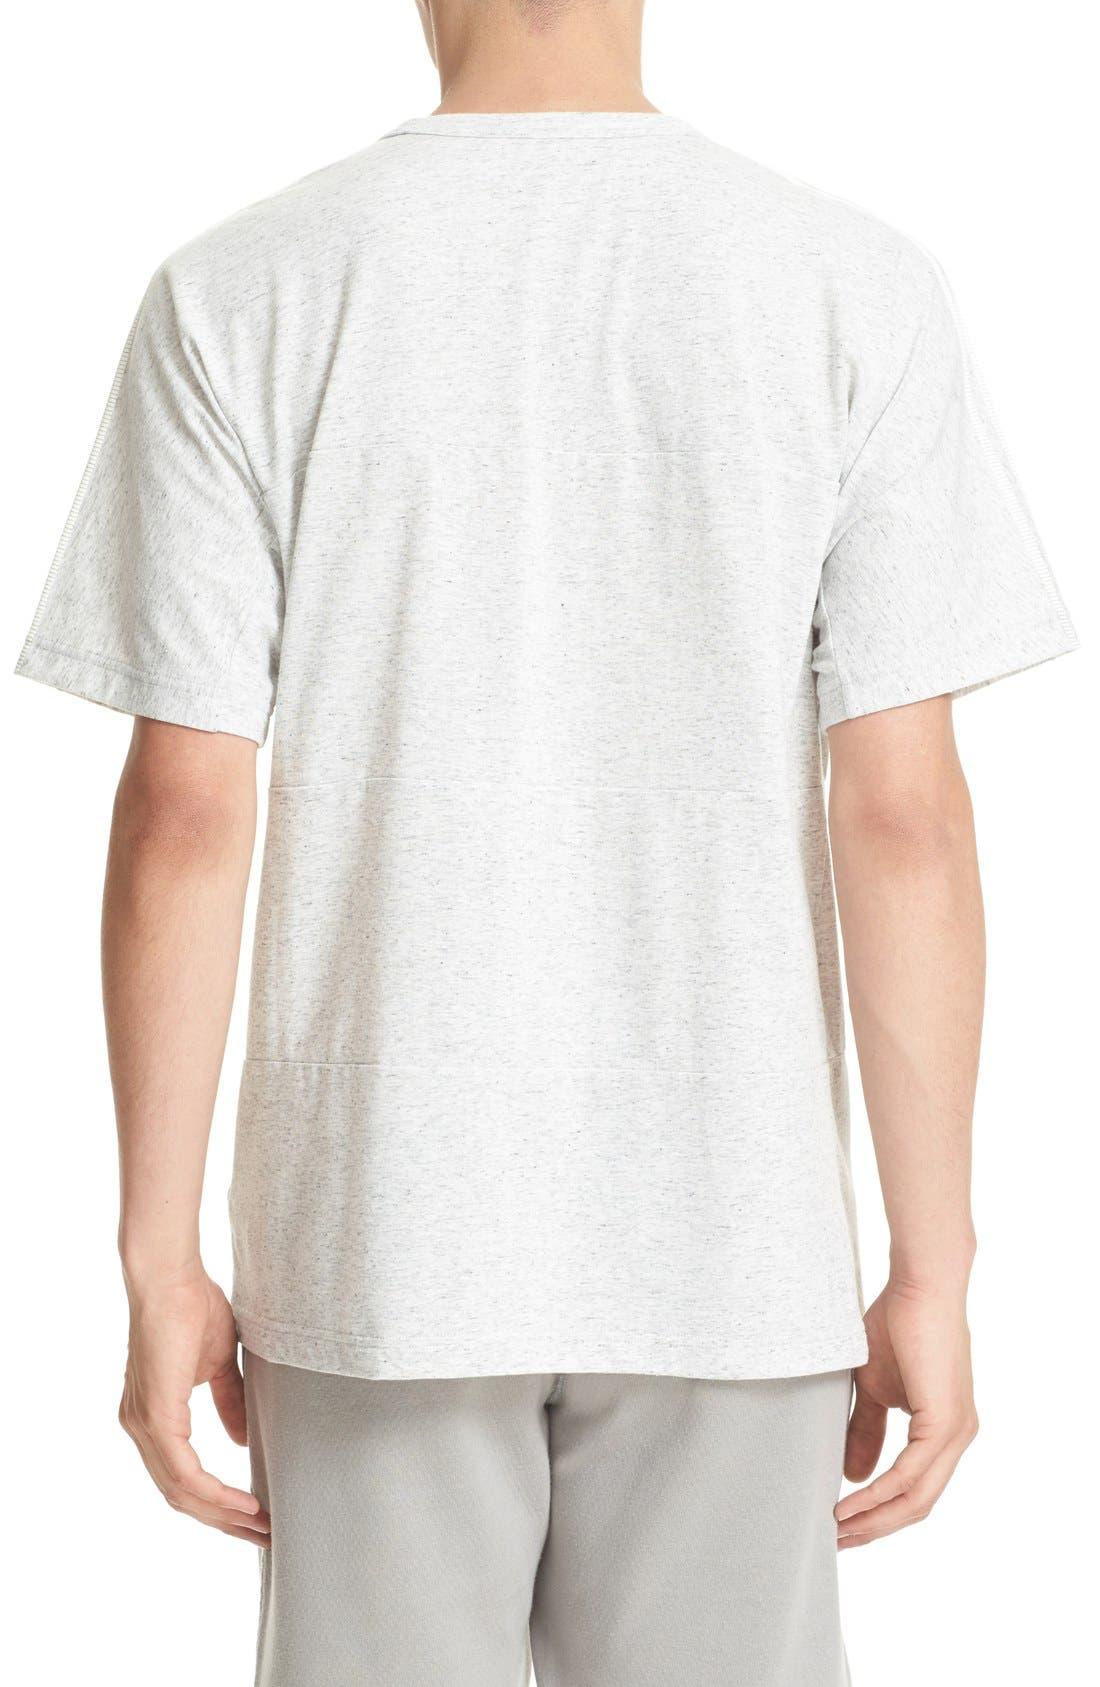 Cotton Blend T-Shirt,                             Alternate thumbnail 4, color,                             100